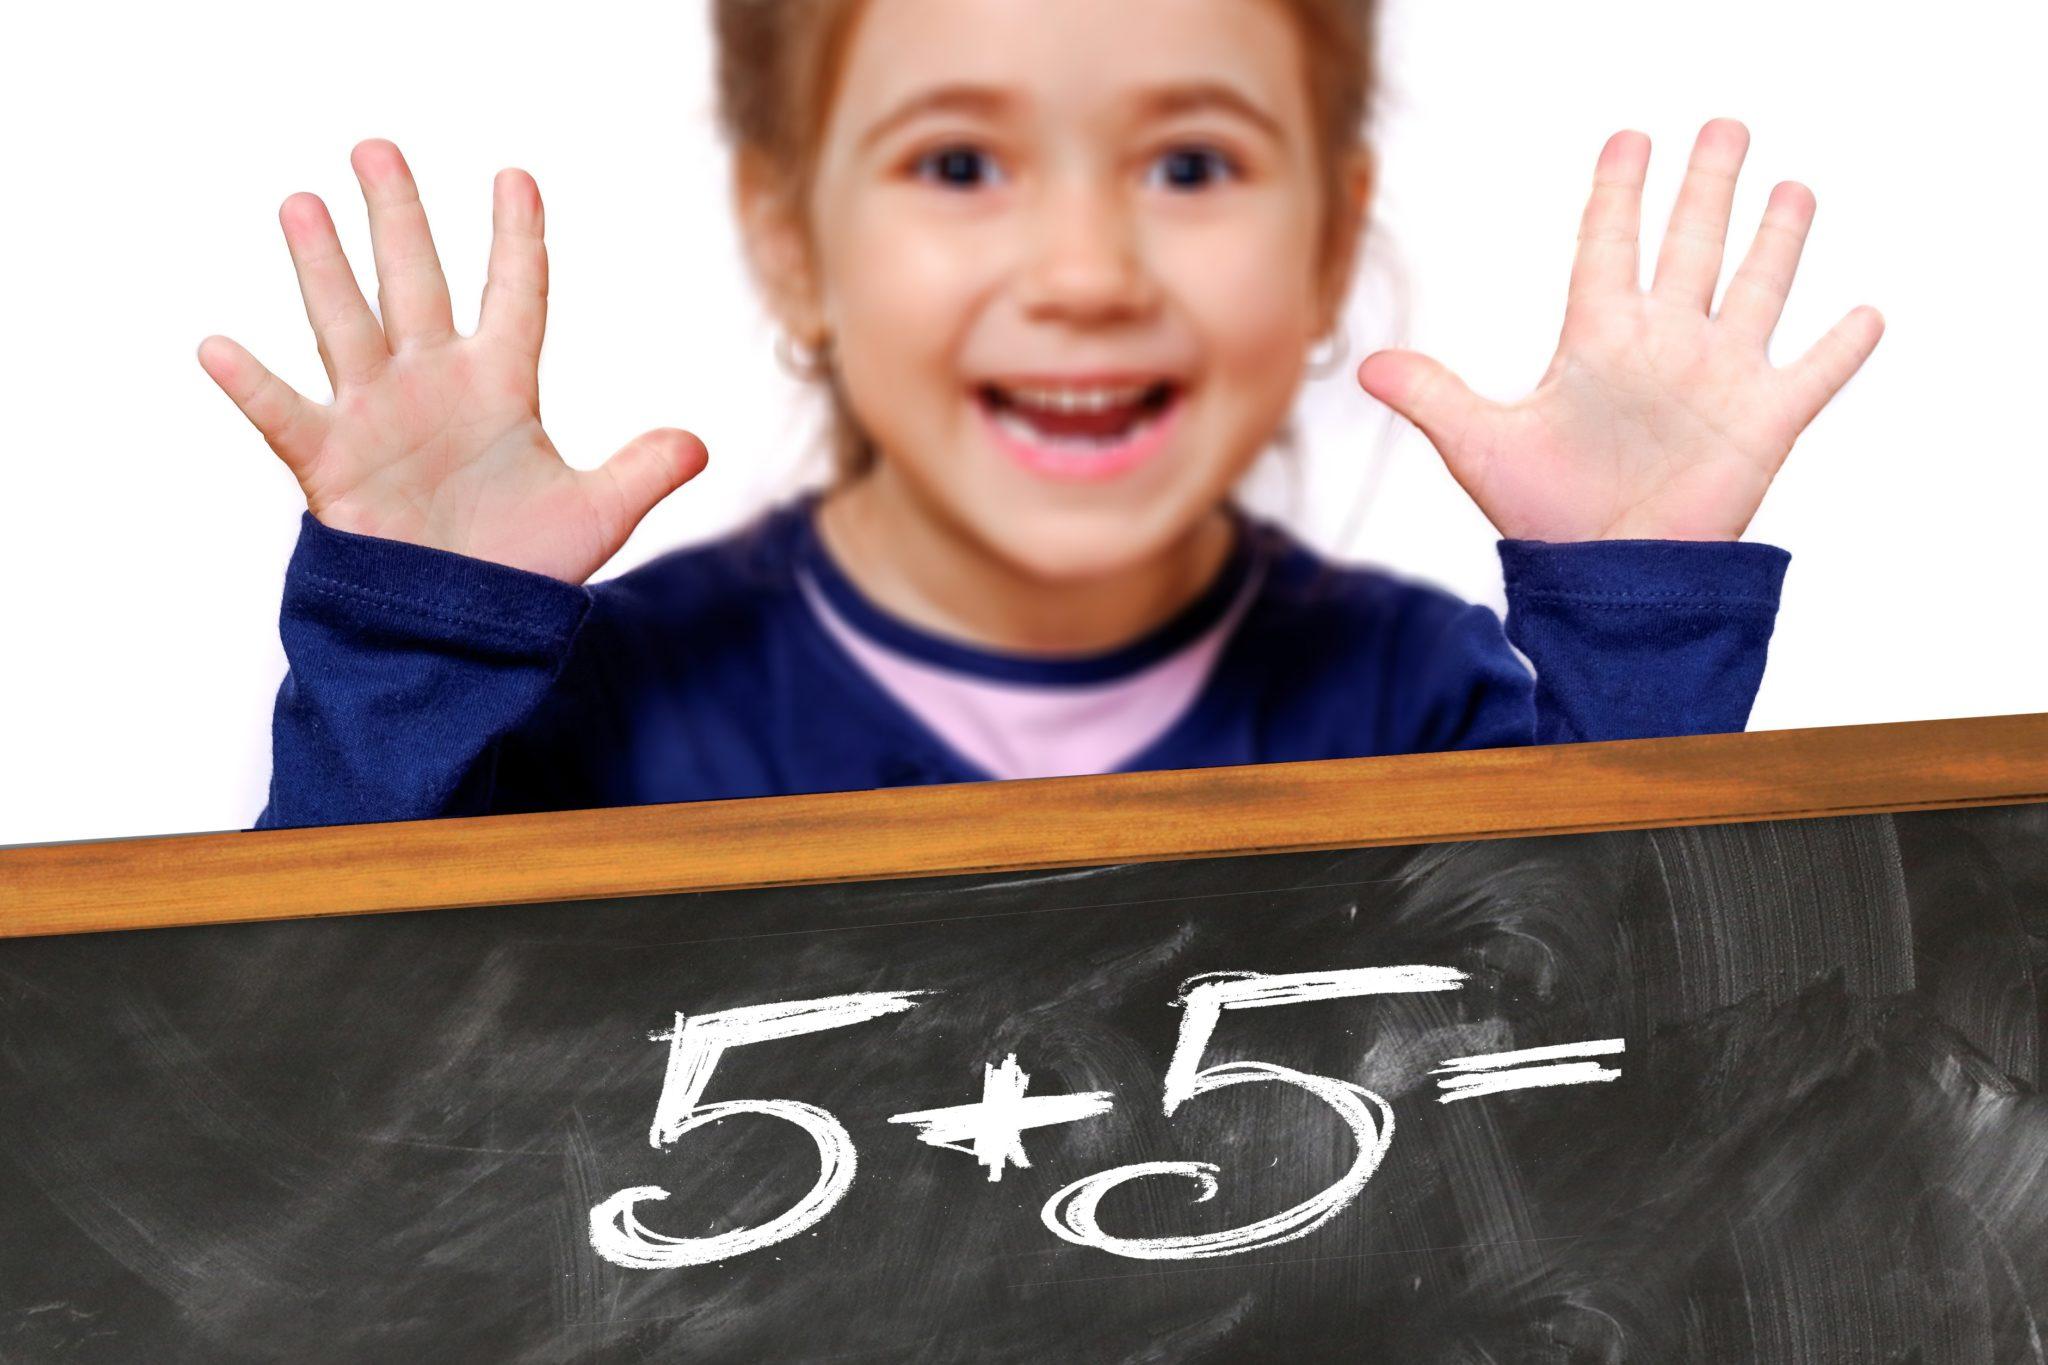 szkoła, dziecko, dziewczynka